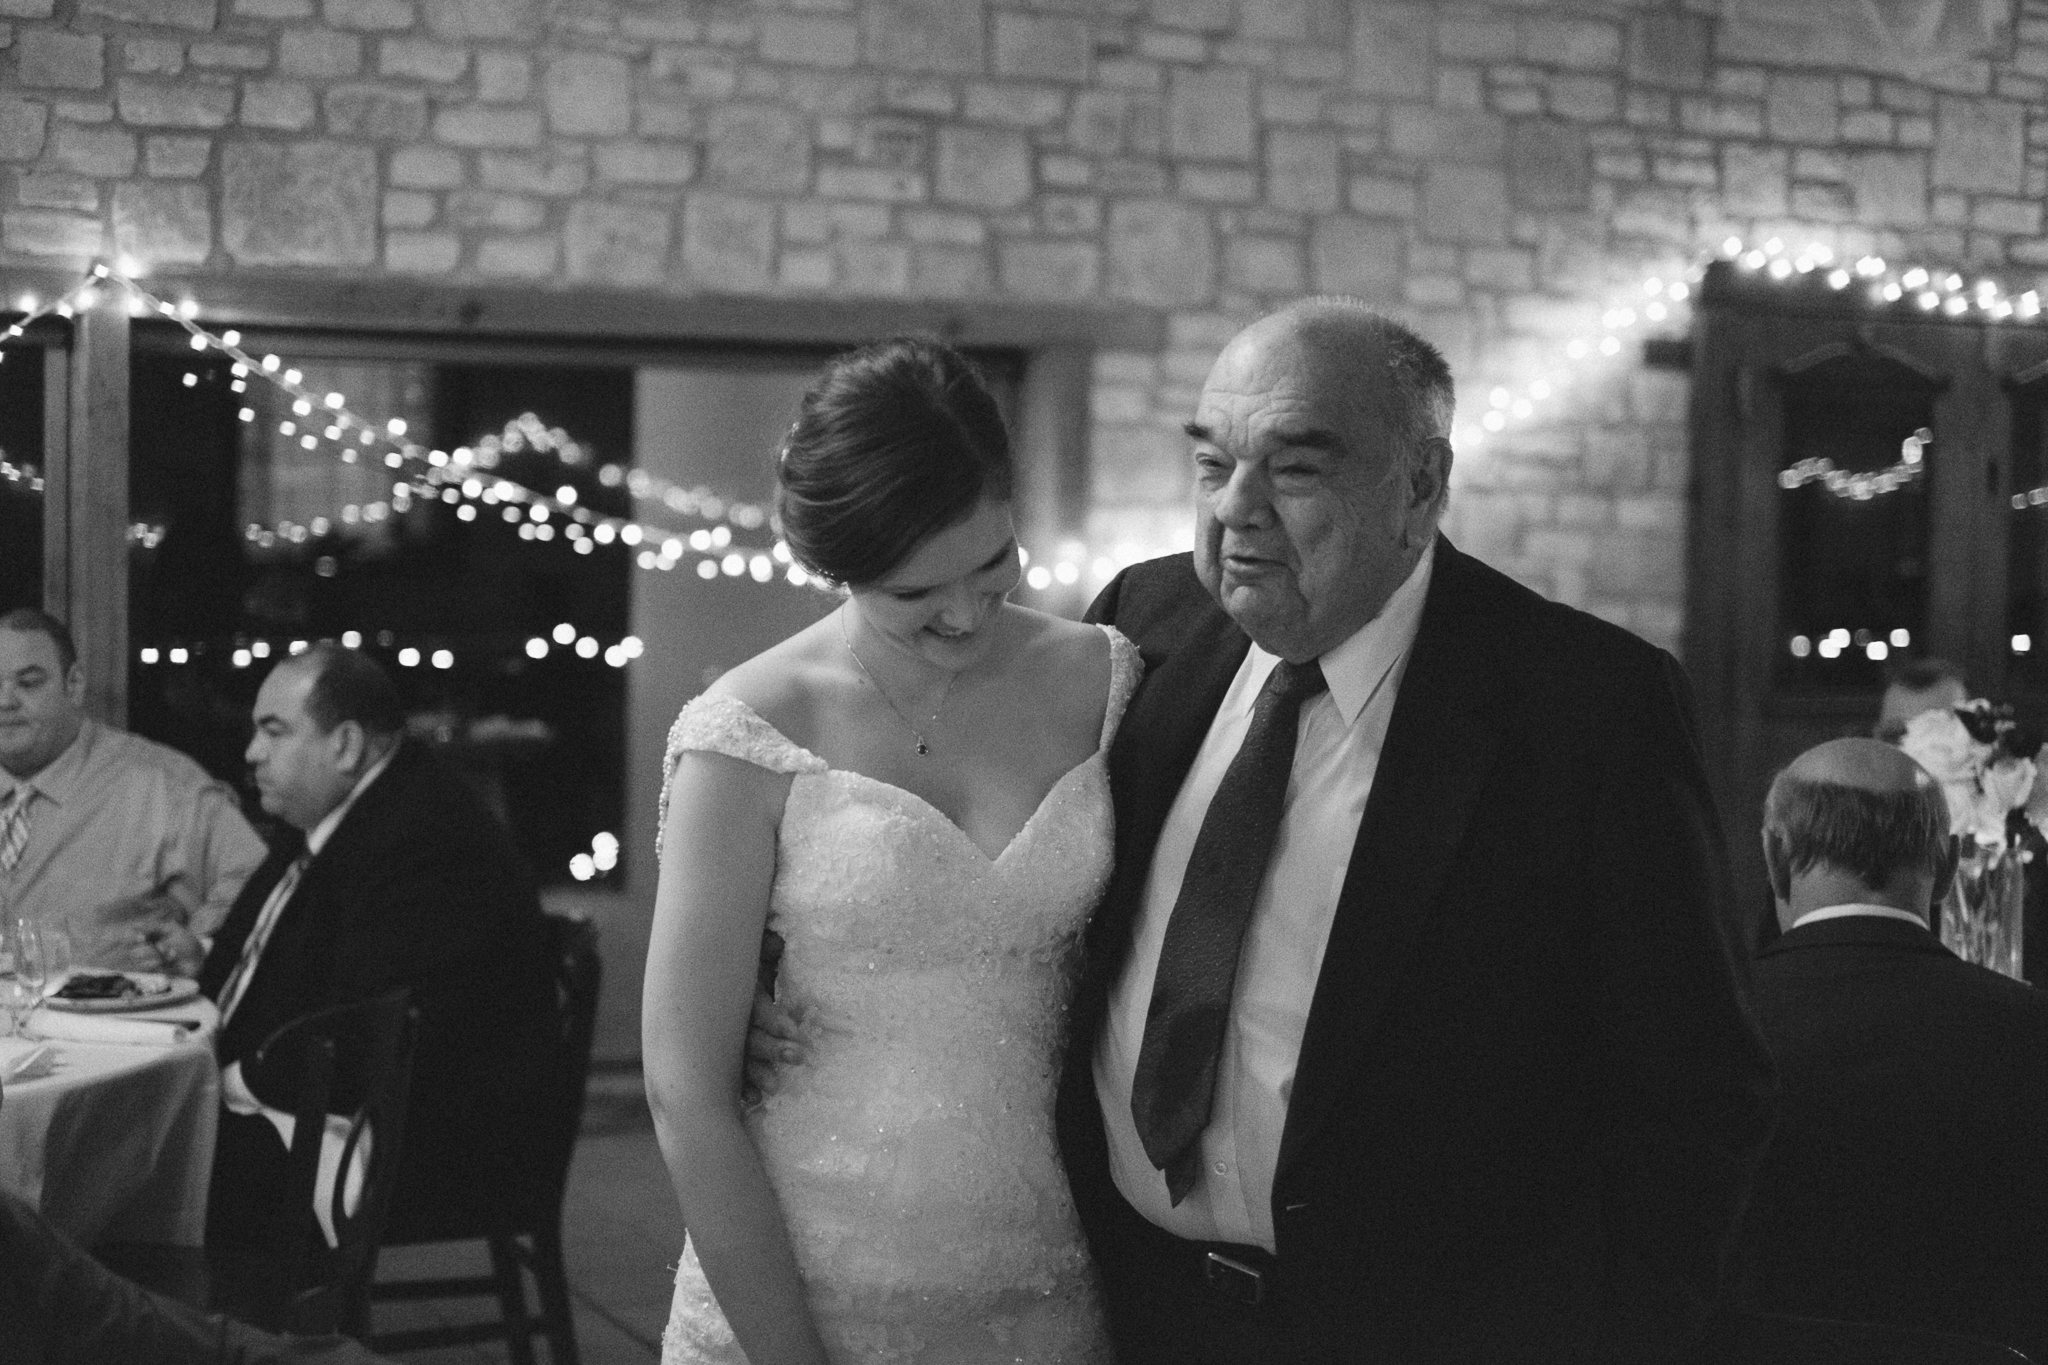 Salt-Lick-Austin-Wedding-Photographer-067.jpg